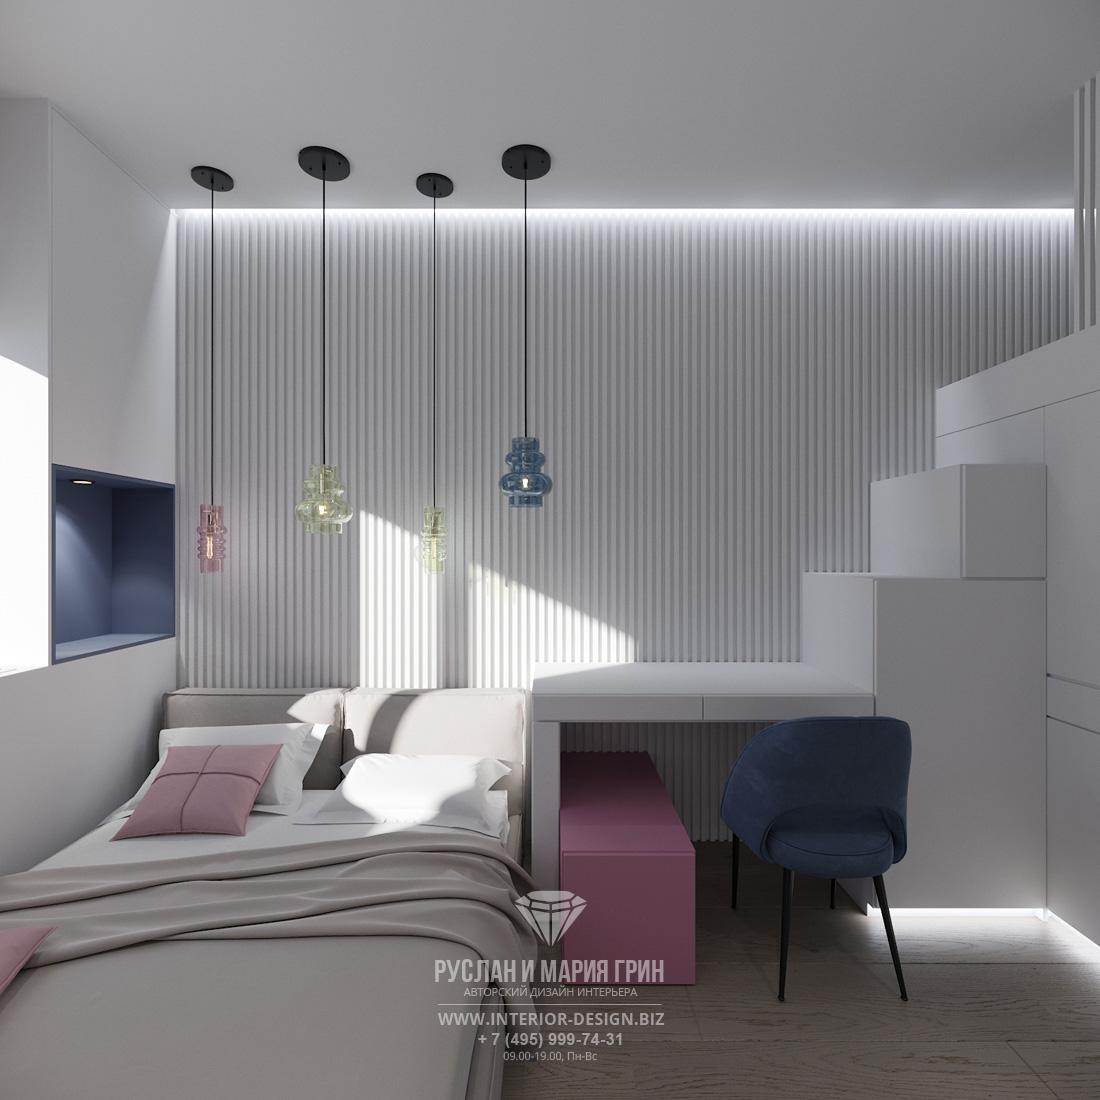 Дизайн интерьера спальни в мини-квартире